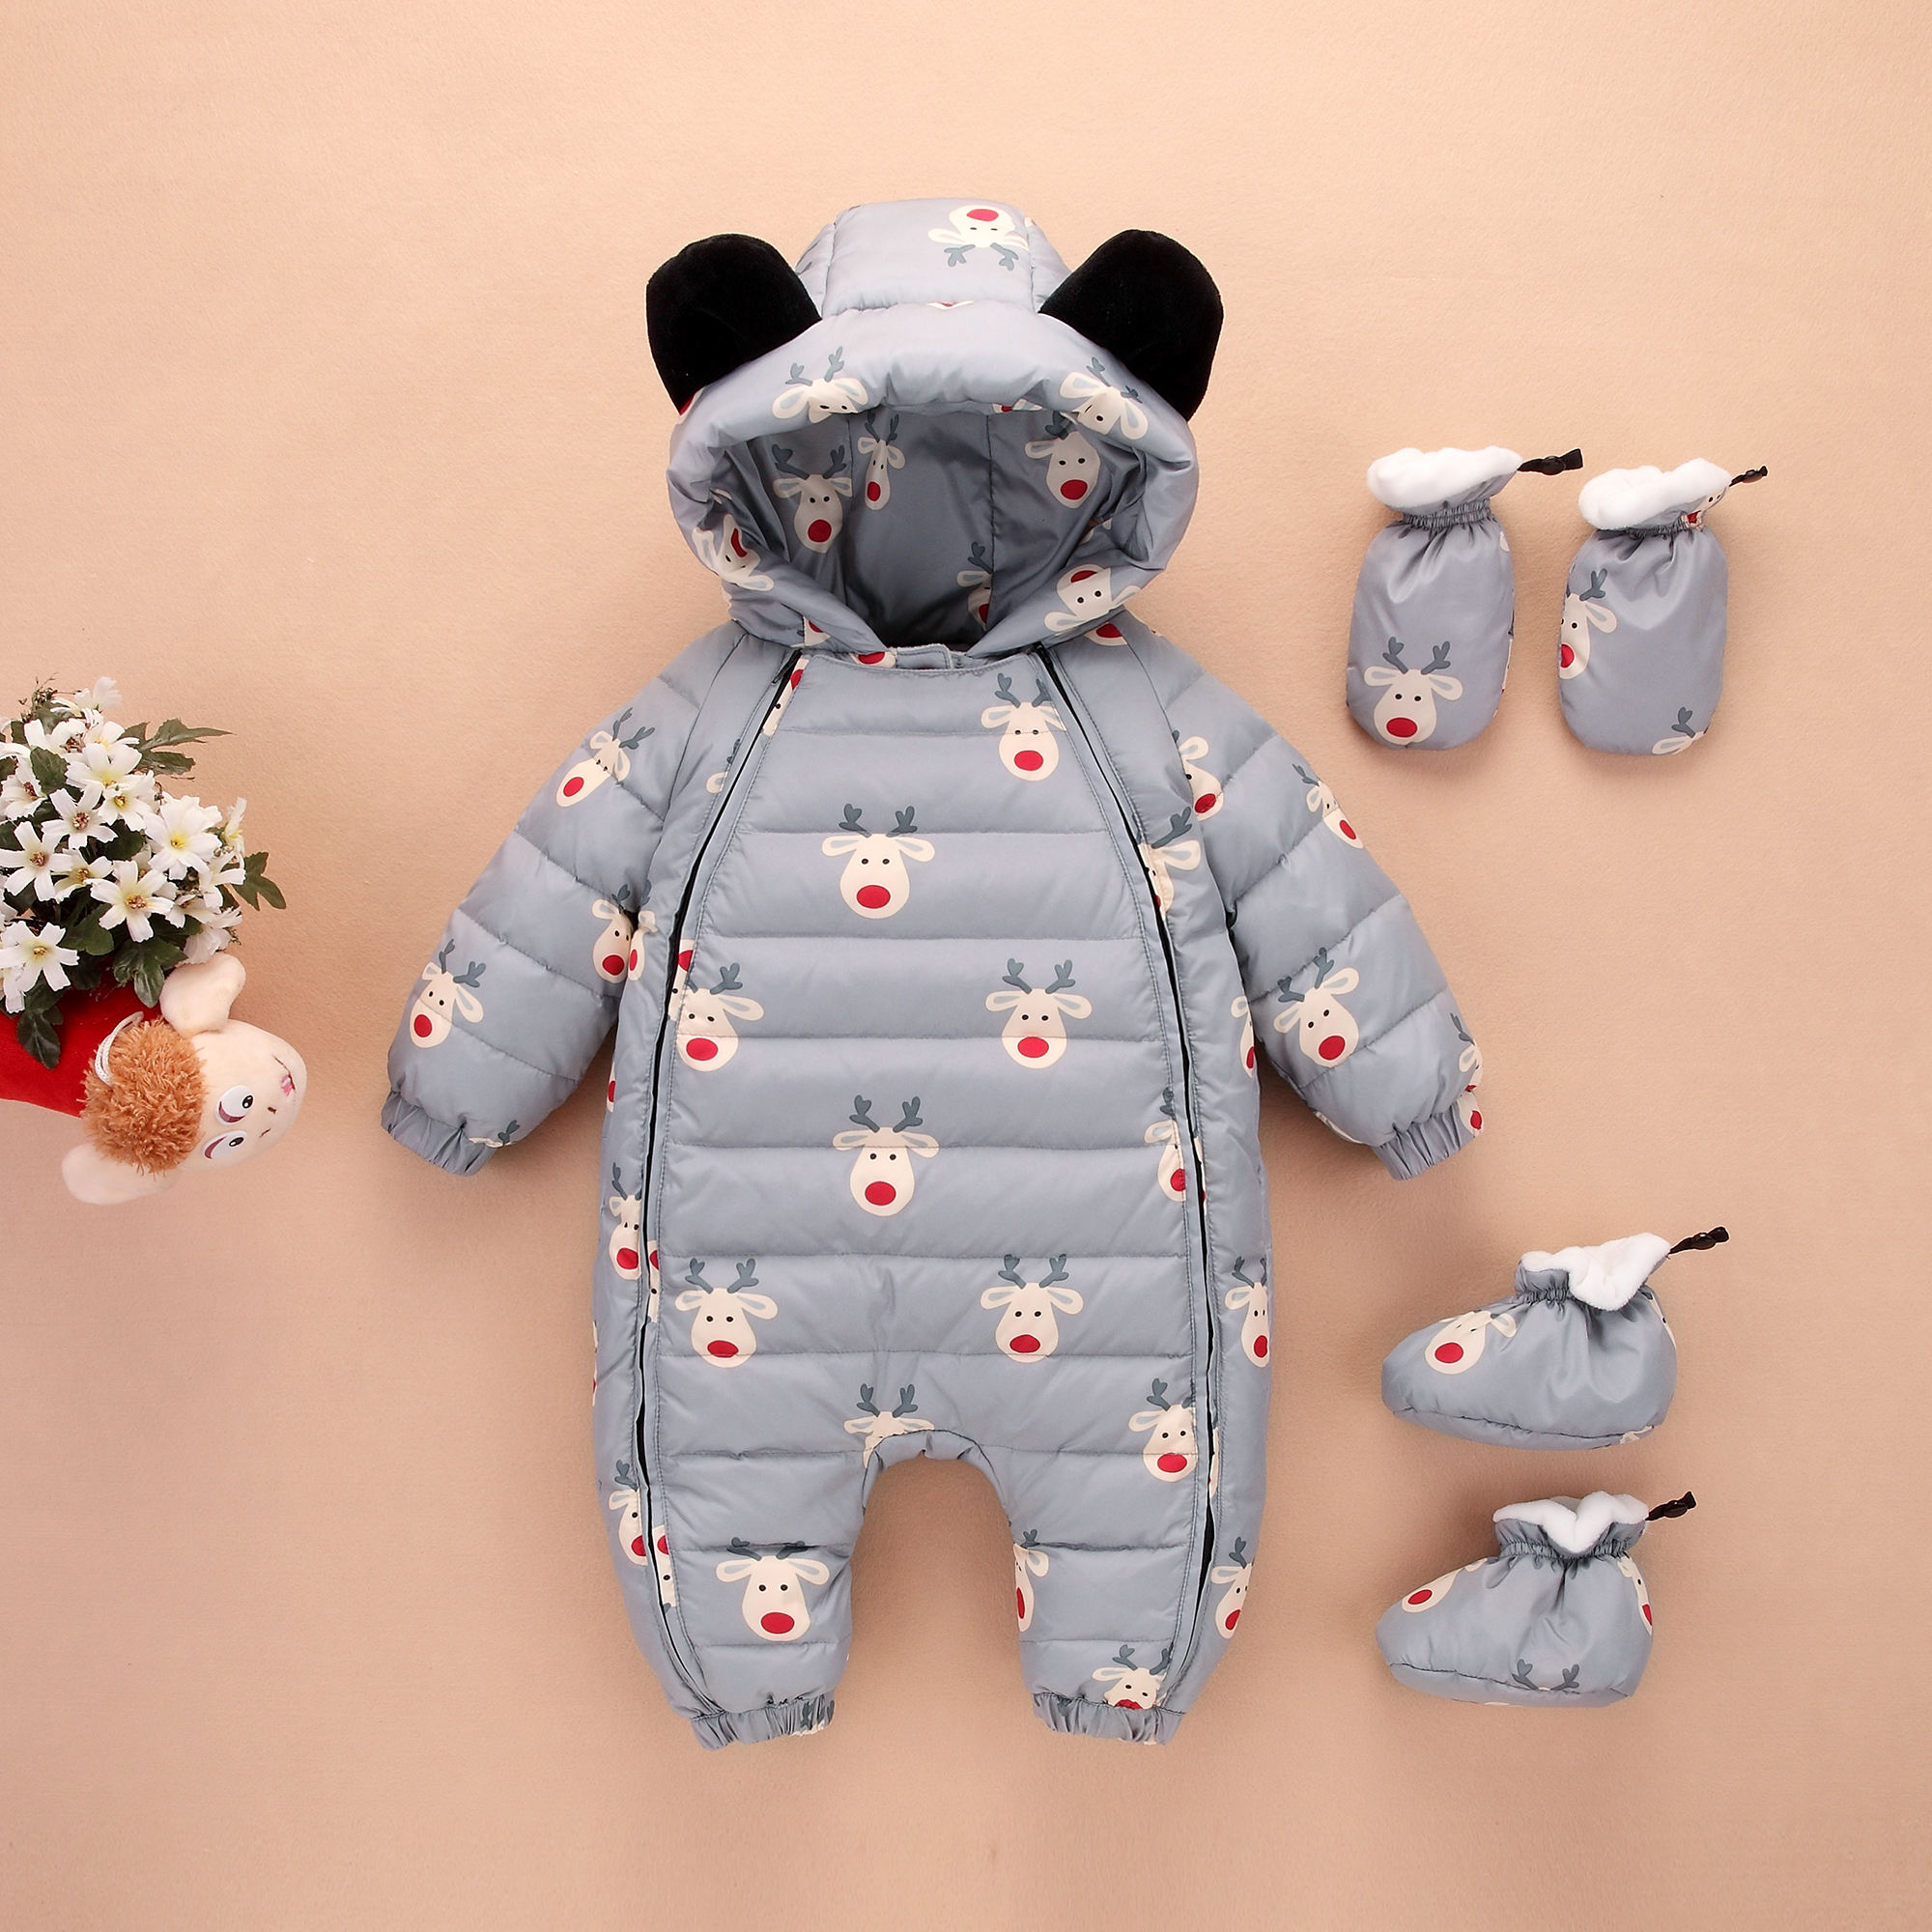 Новорожденных купальник одежда утолщенные внешний из одежда мальчиков и девочек, ребенок ползунки зимний сохраняющий тепло ребенок куртка